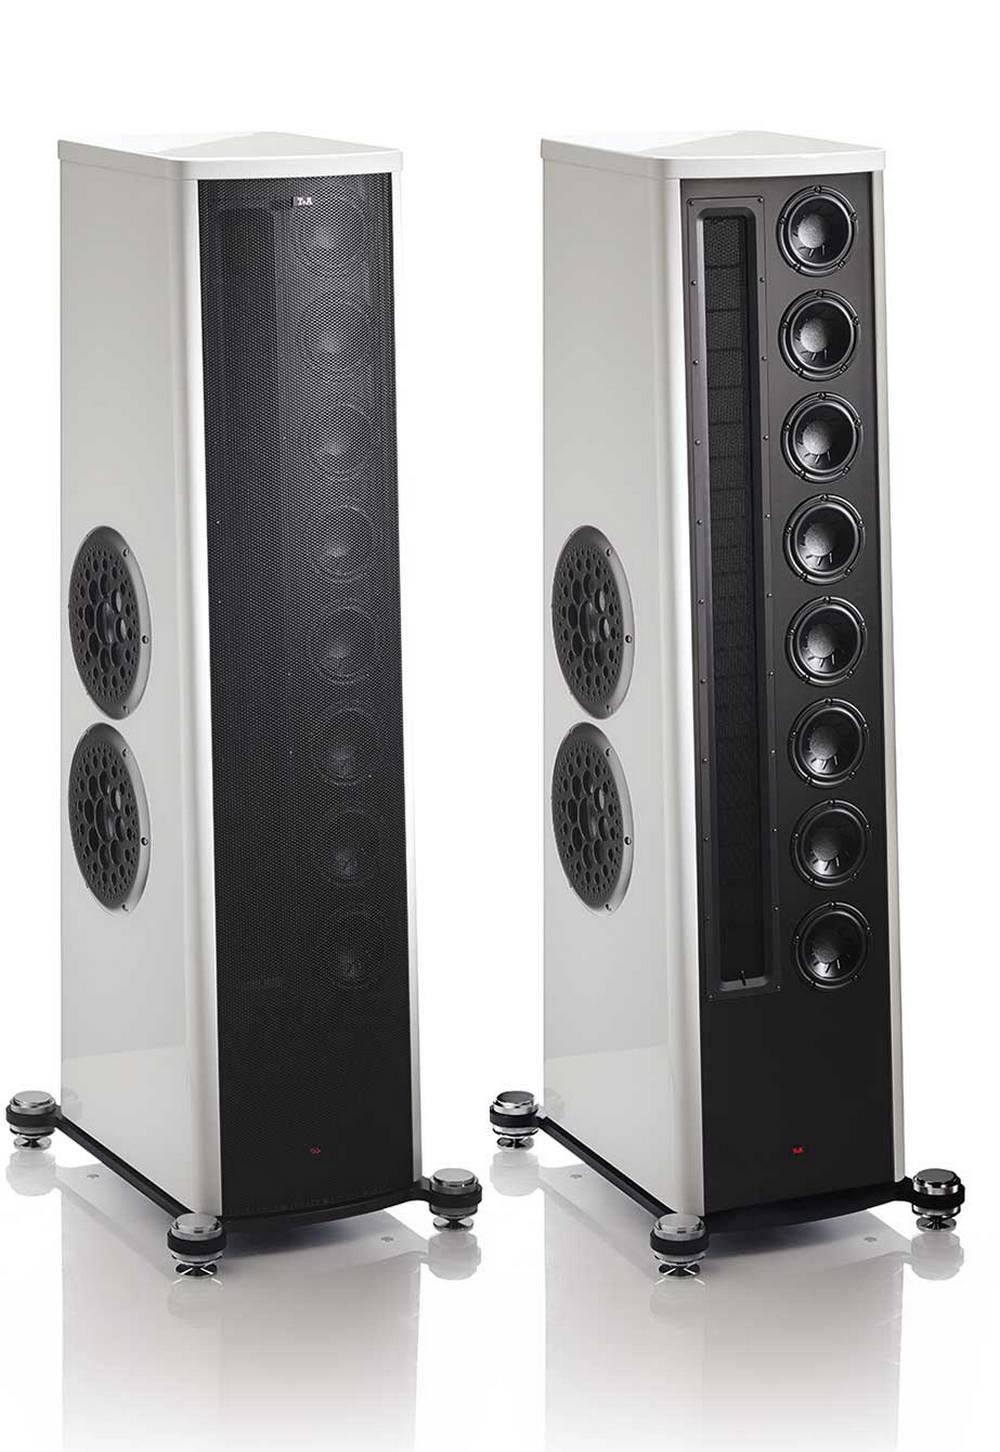 от немецкой фирмы t+a на компонентах серии 3000 в связке с акустическими системами solitaire cwt2000